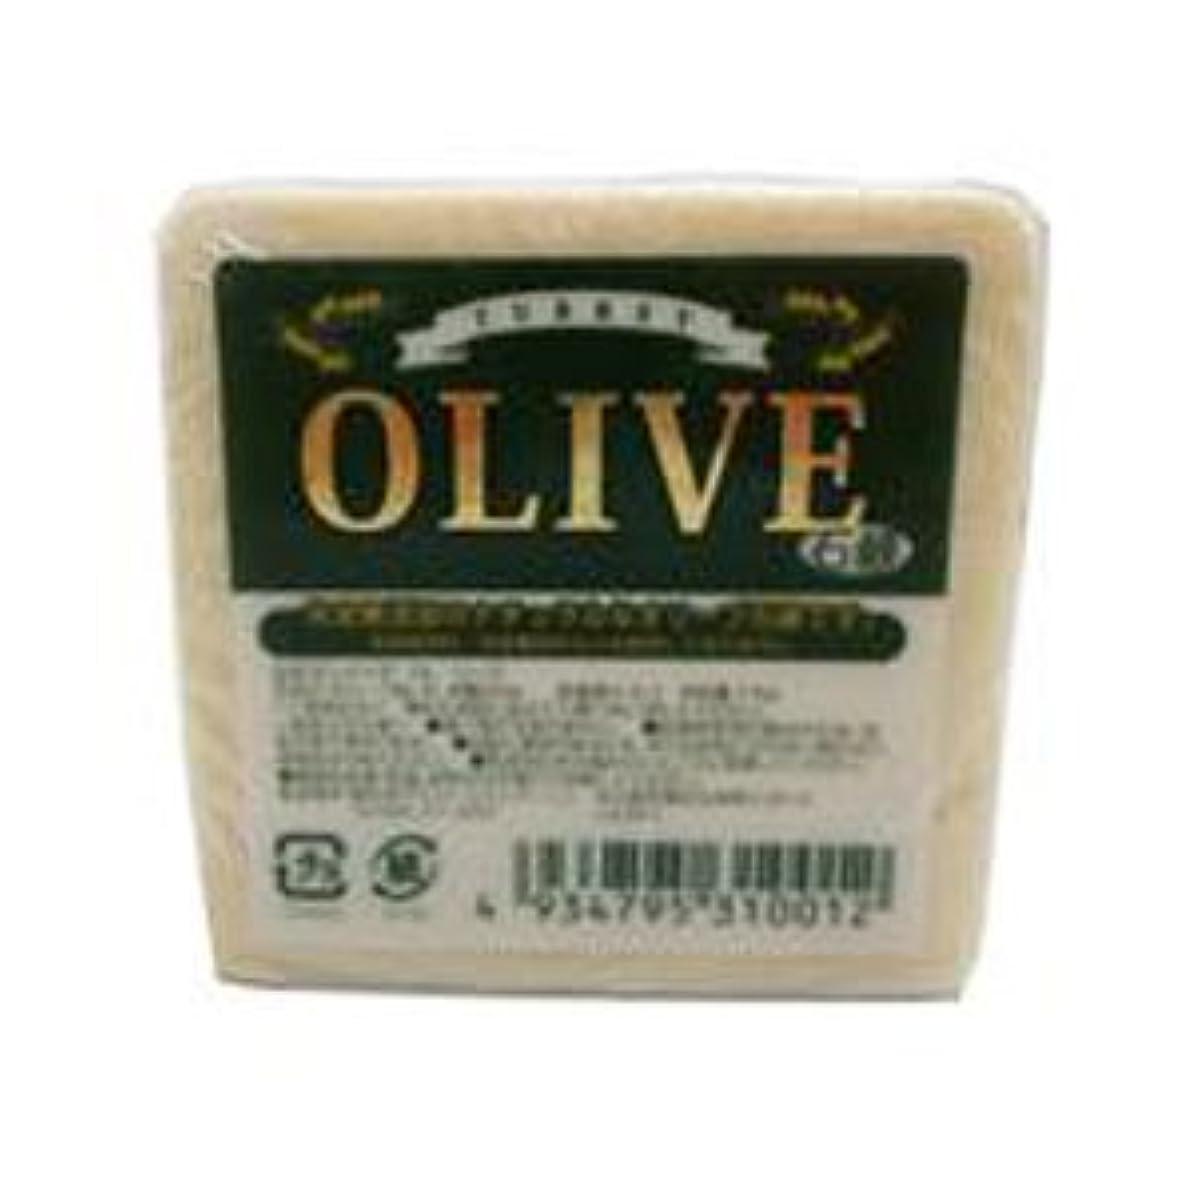 貸すデクリメント財政お得な10個セット トルコ産オリーブを使用した無添加石鹸 ターキーオリーブ石鹸 135g